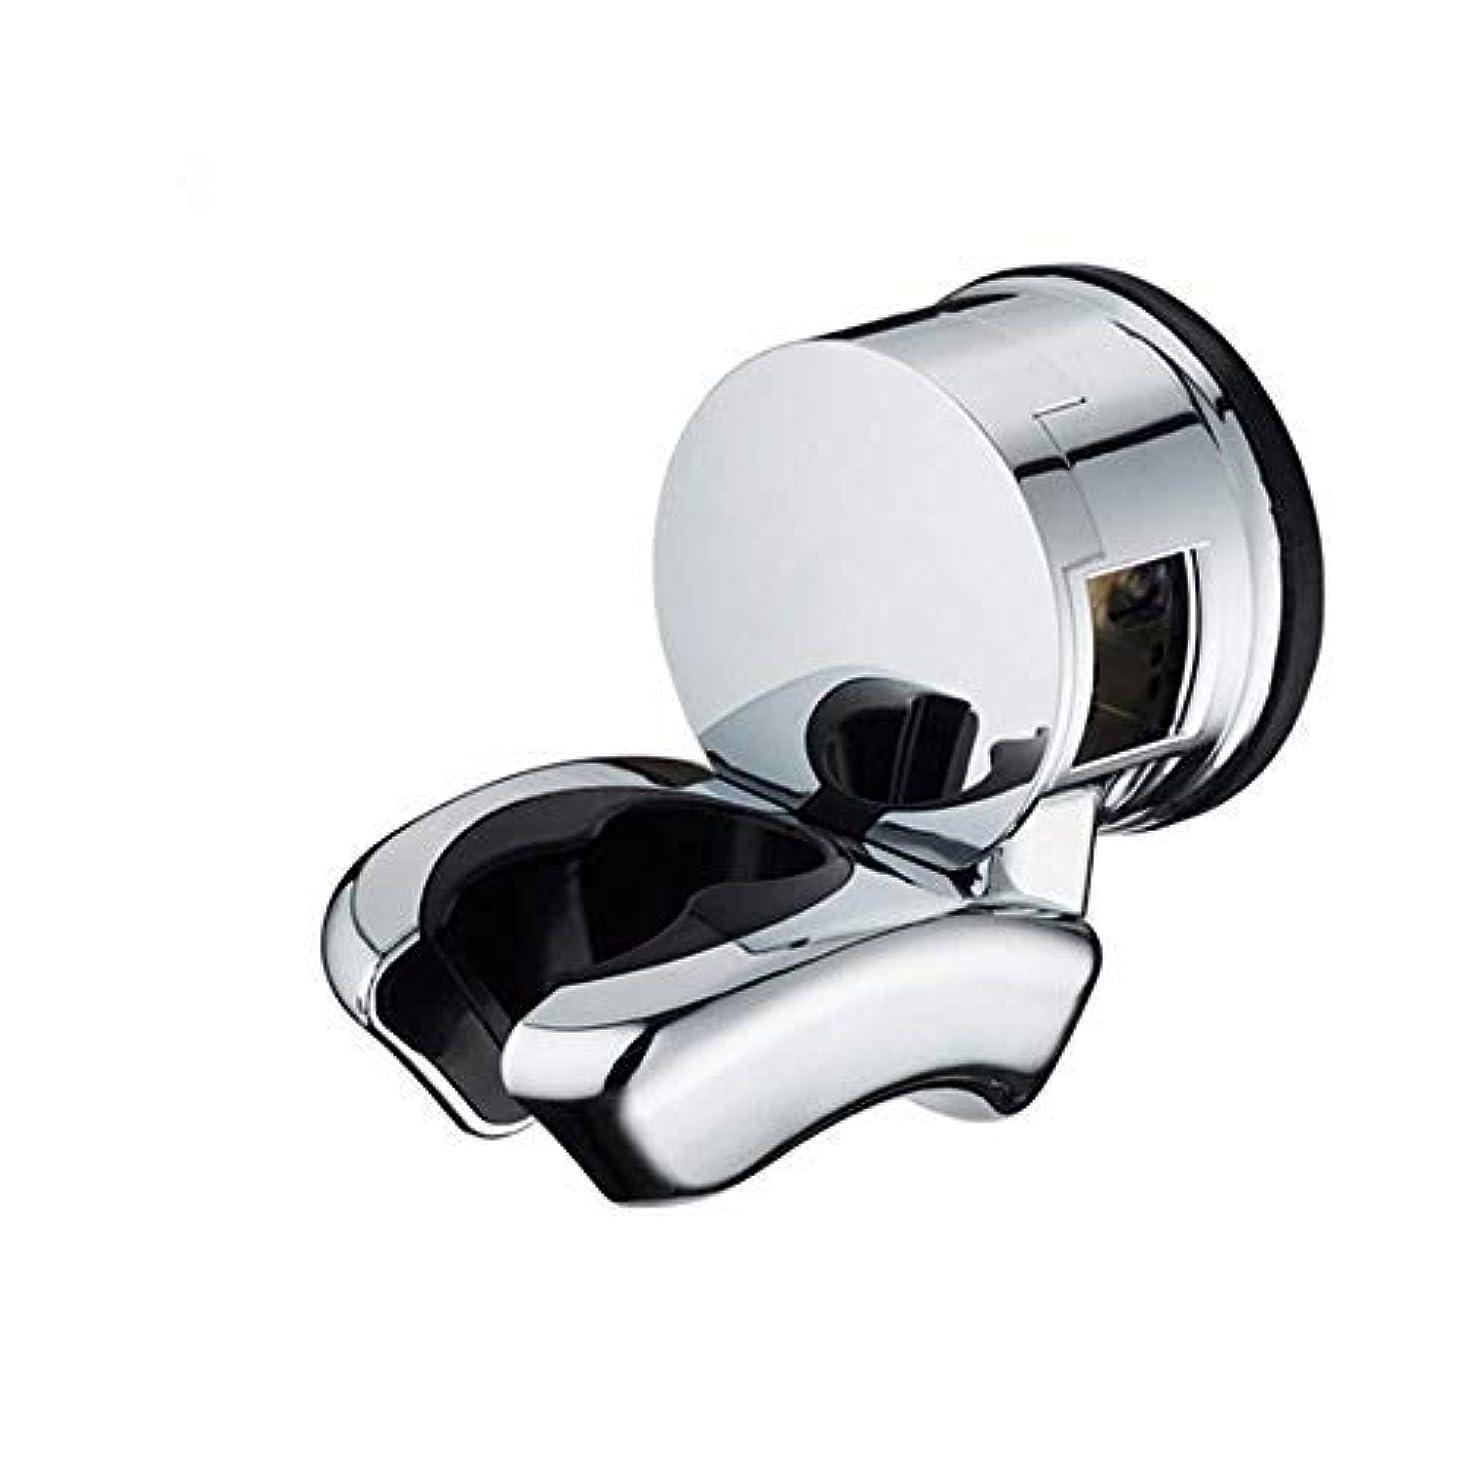 我慢するインフラ実際にSimg 吸盤式シャワーフック 壁を傷つけない 真空吸盤仕様 移動できる シルバーメッキ 穴あけ&ネジ止め不要 取り付け簡単 (A)